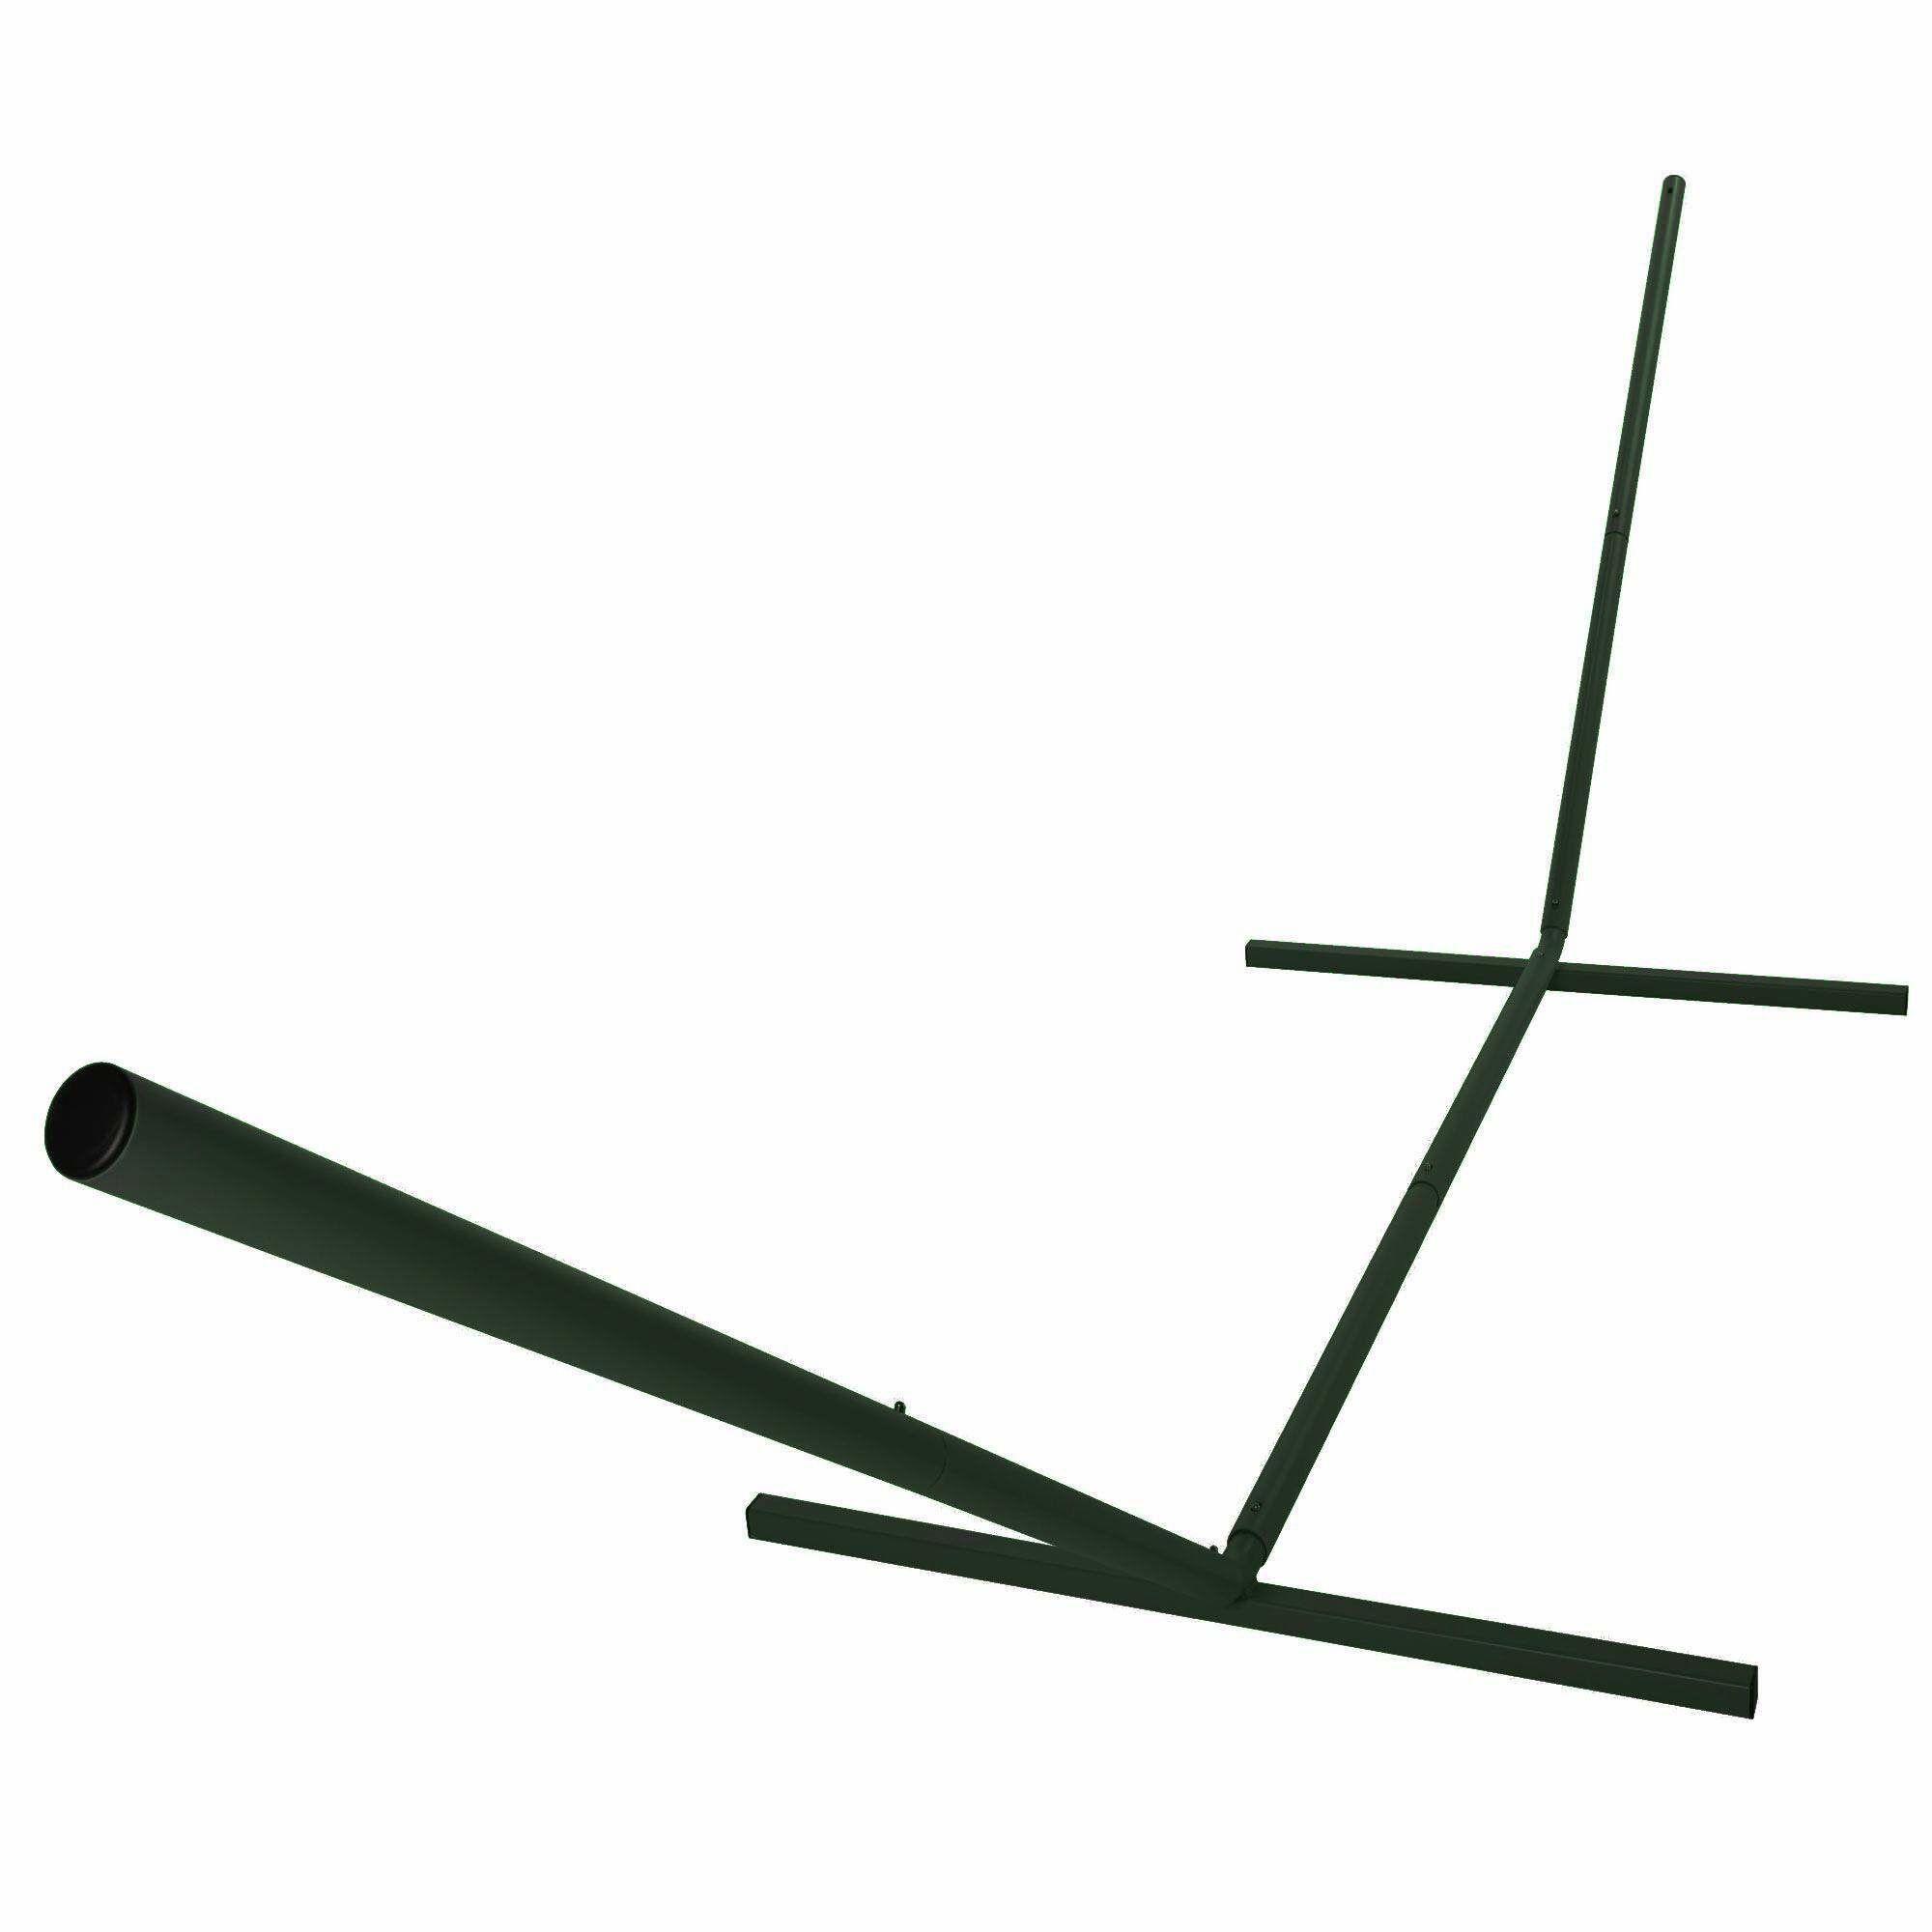 Eckhart Metal Standard Hammock Stand